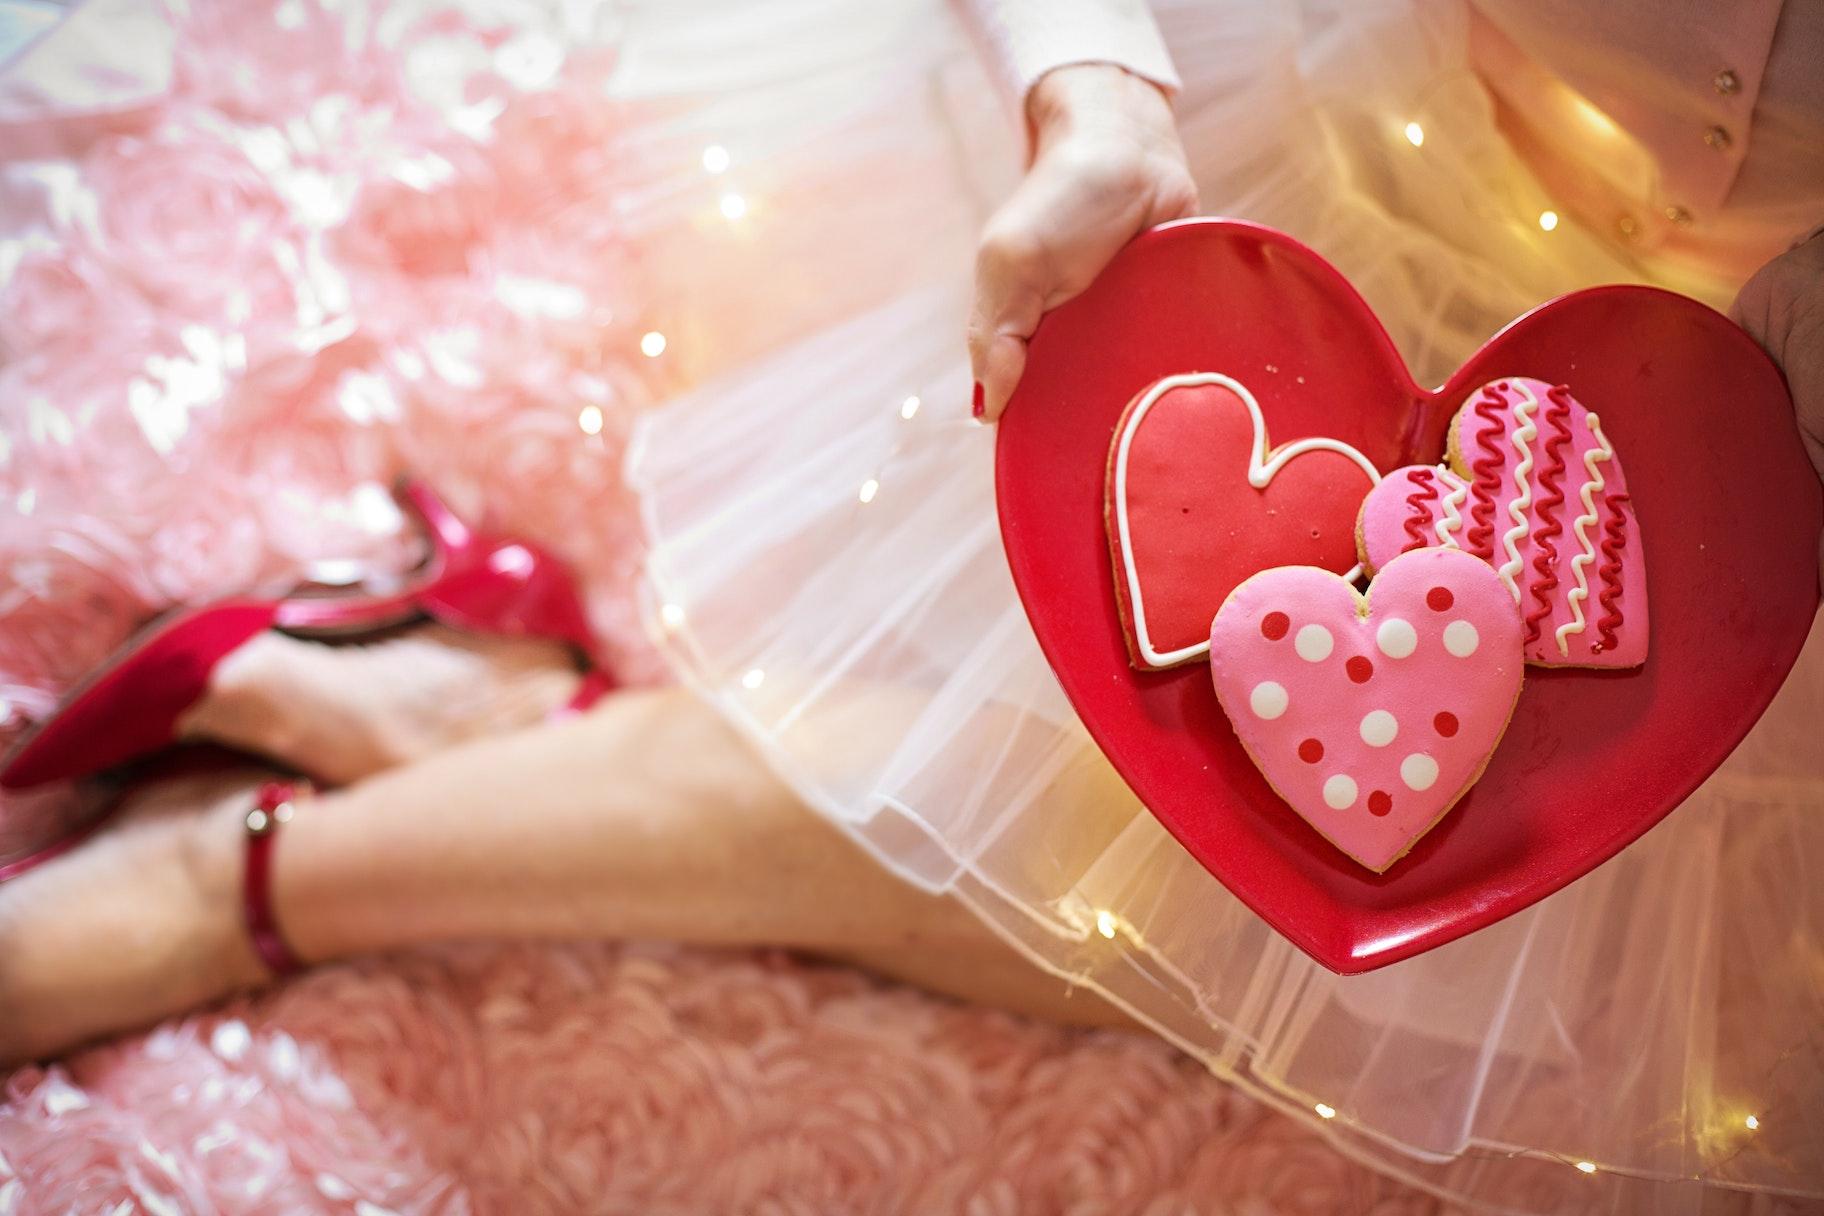 banques d'images gratuites Saint-valentin